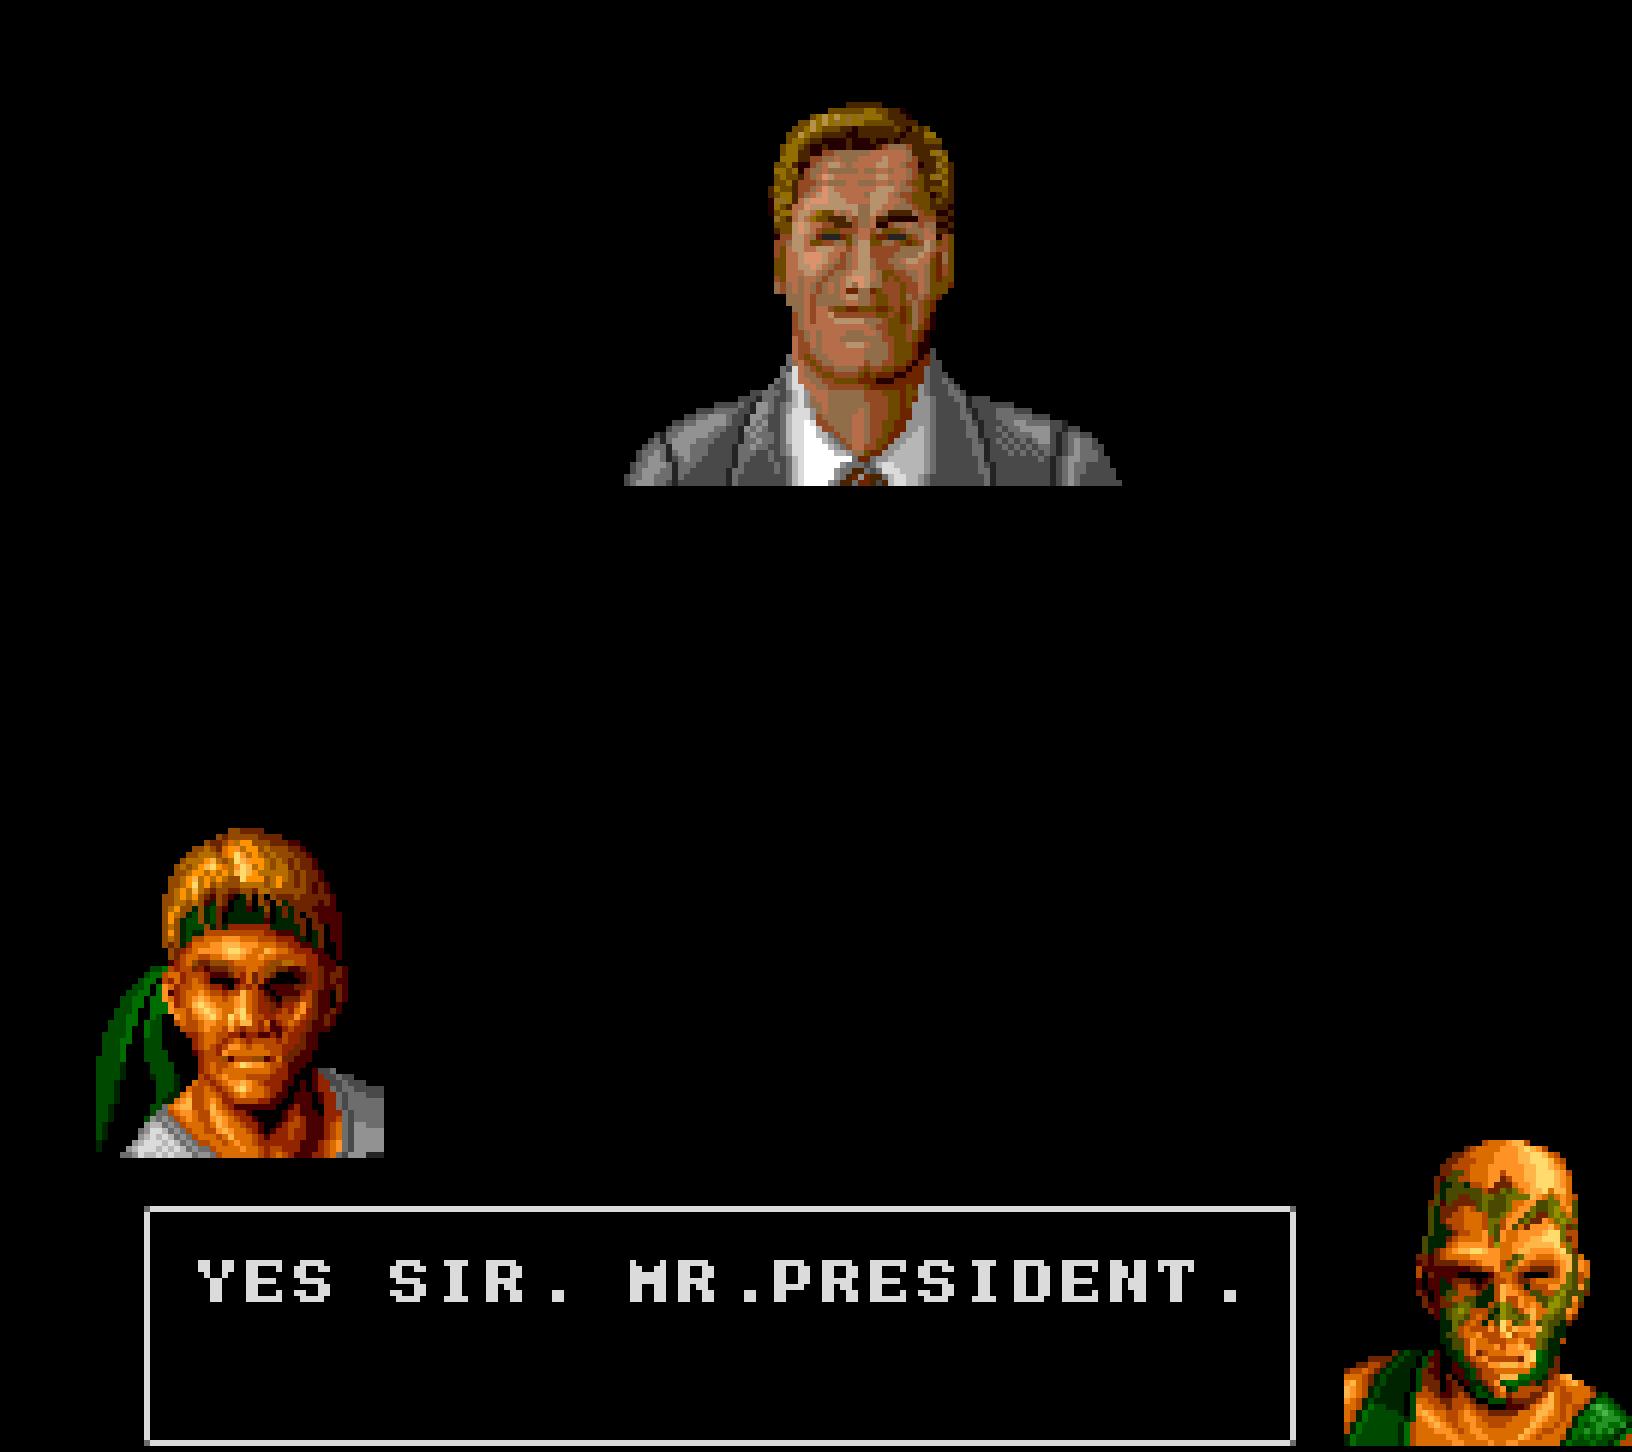 Yes sir. Mr.President.